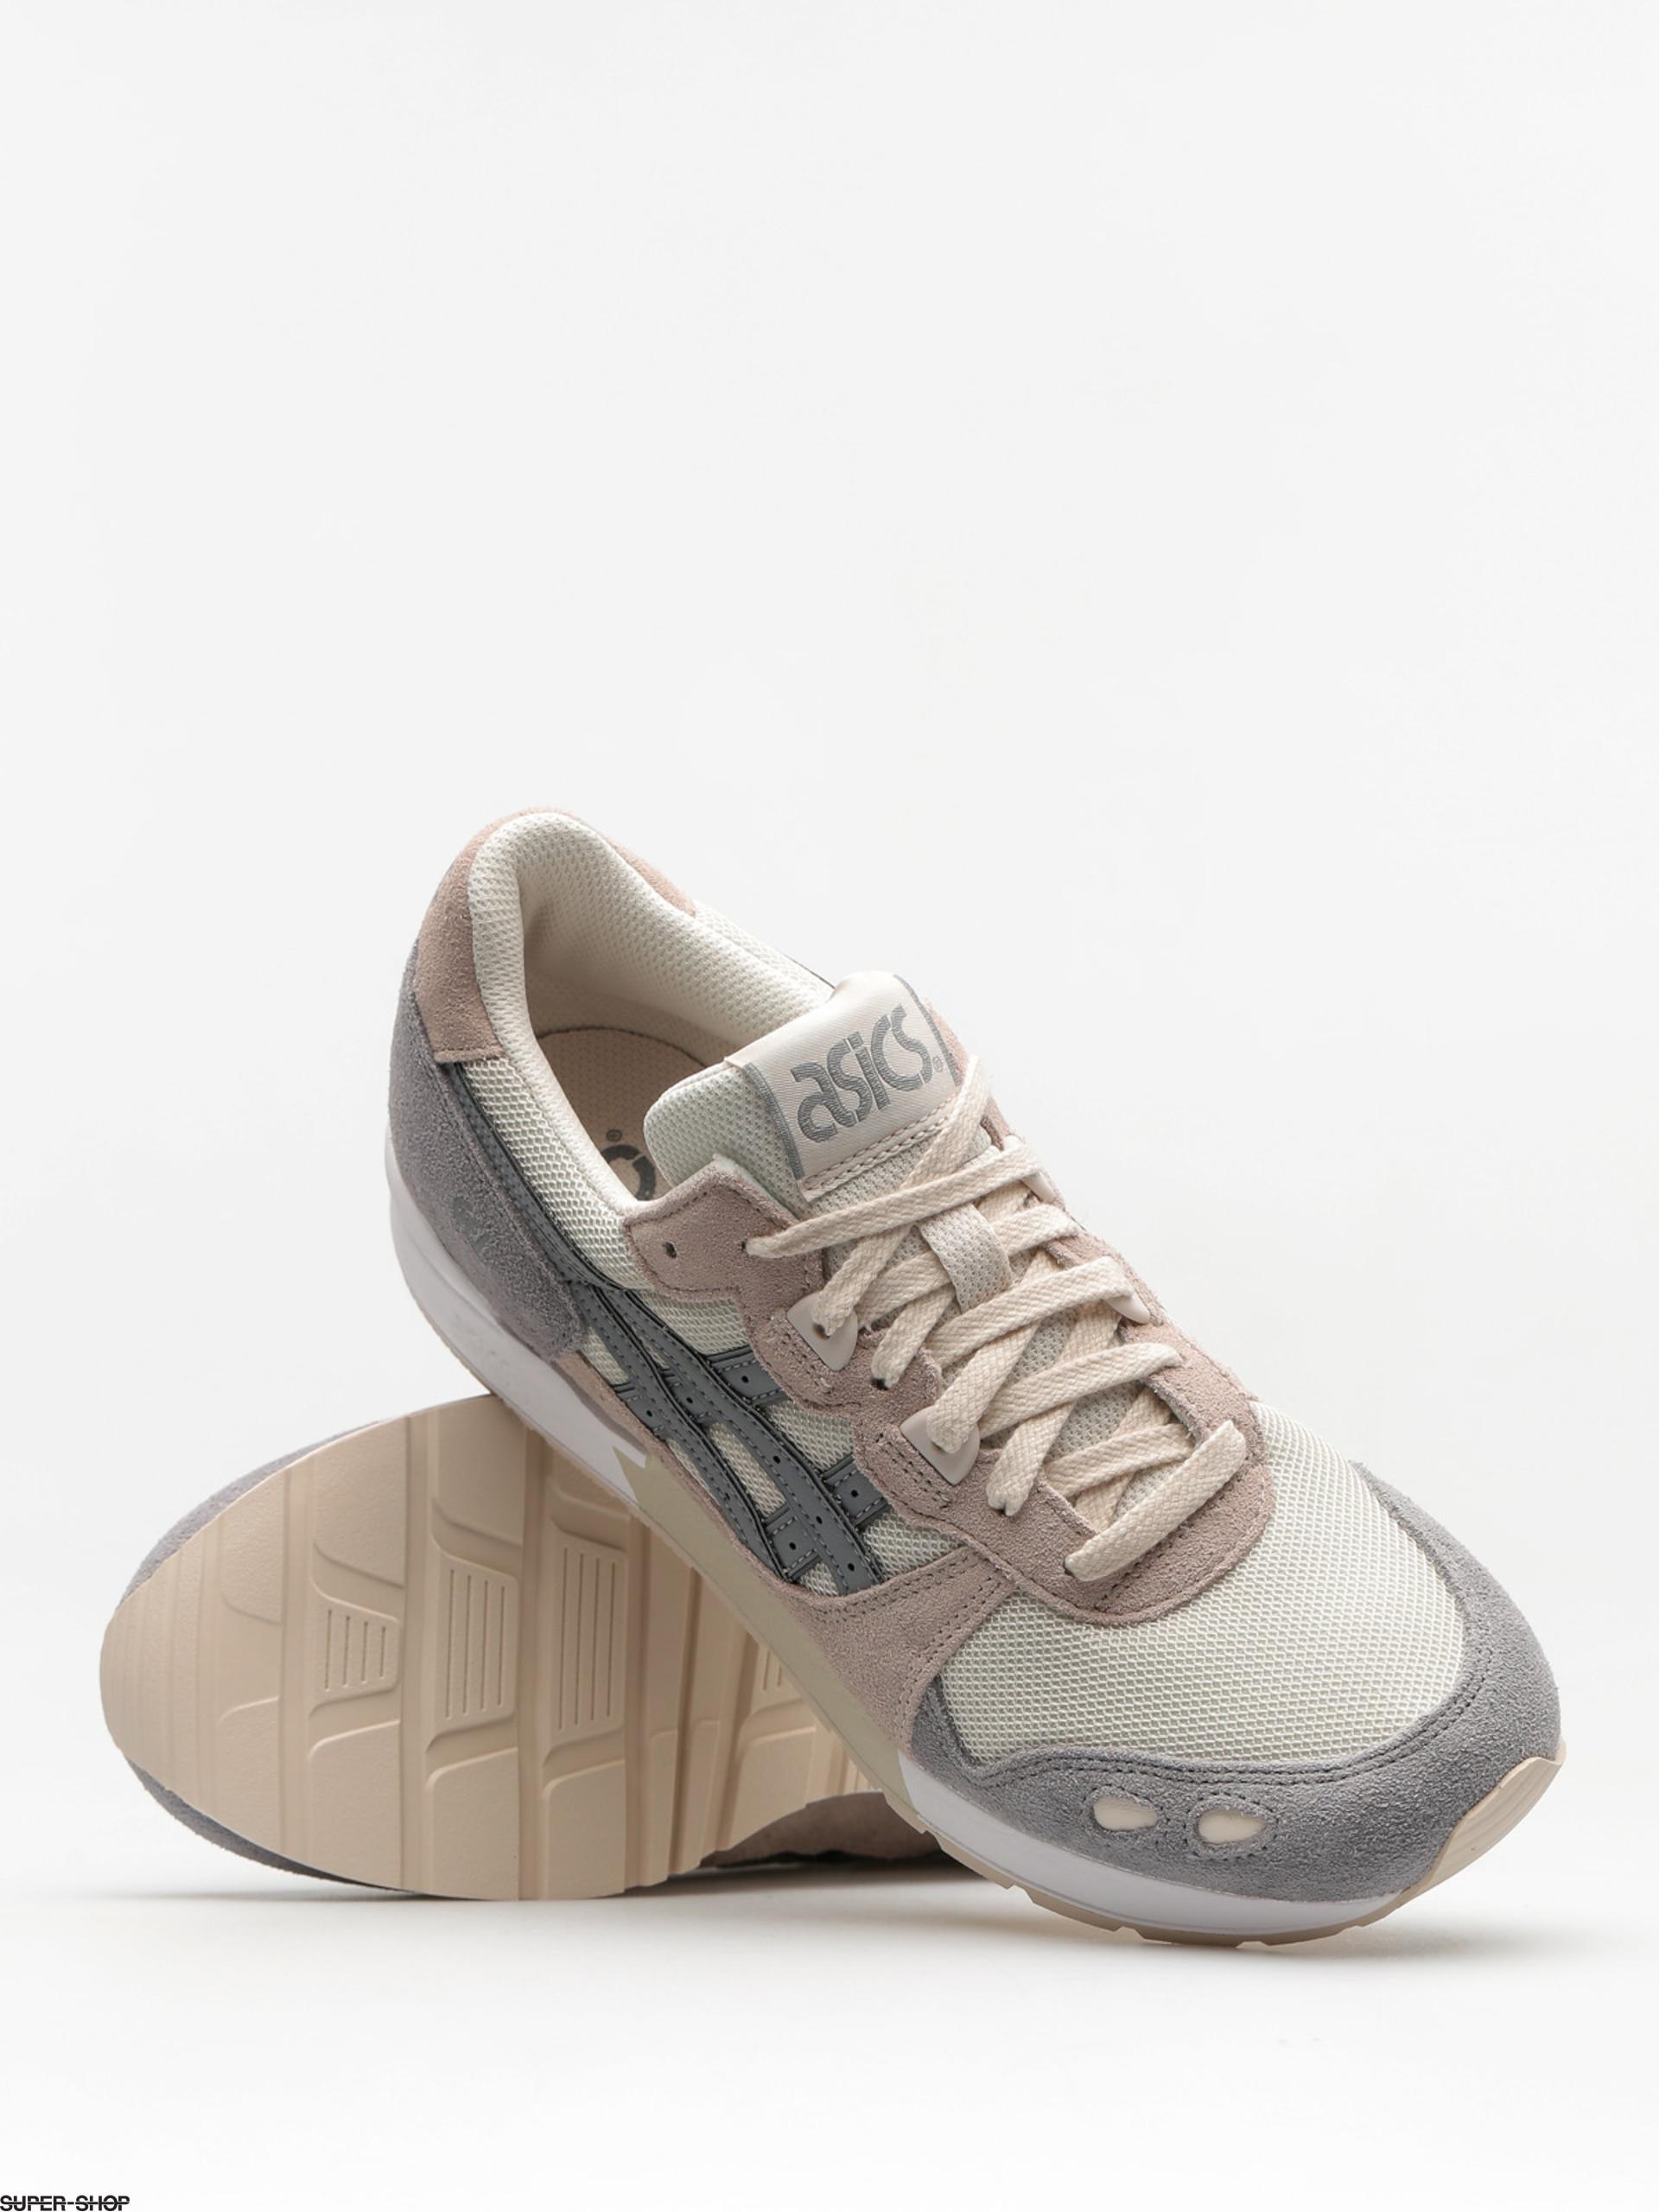 Resplandor Perth llamar  ASICS Tiger Shoes Gel Lyte (birch/stone grey)